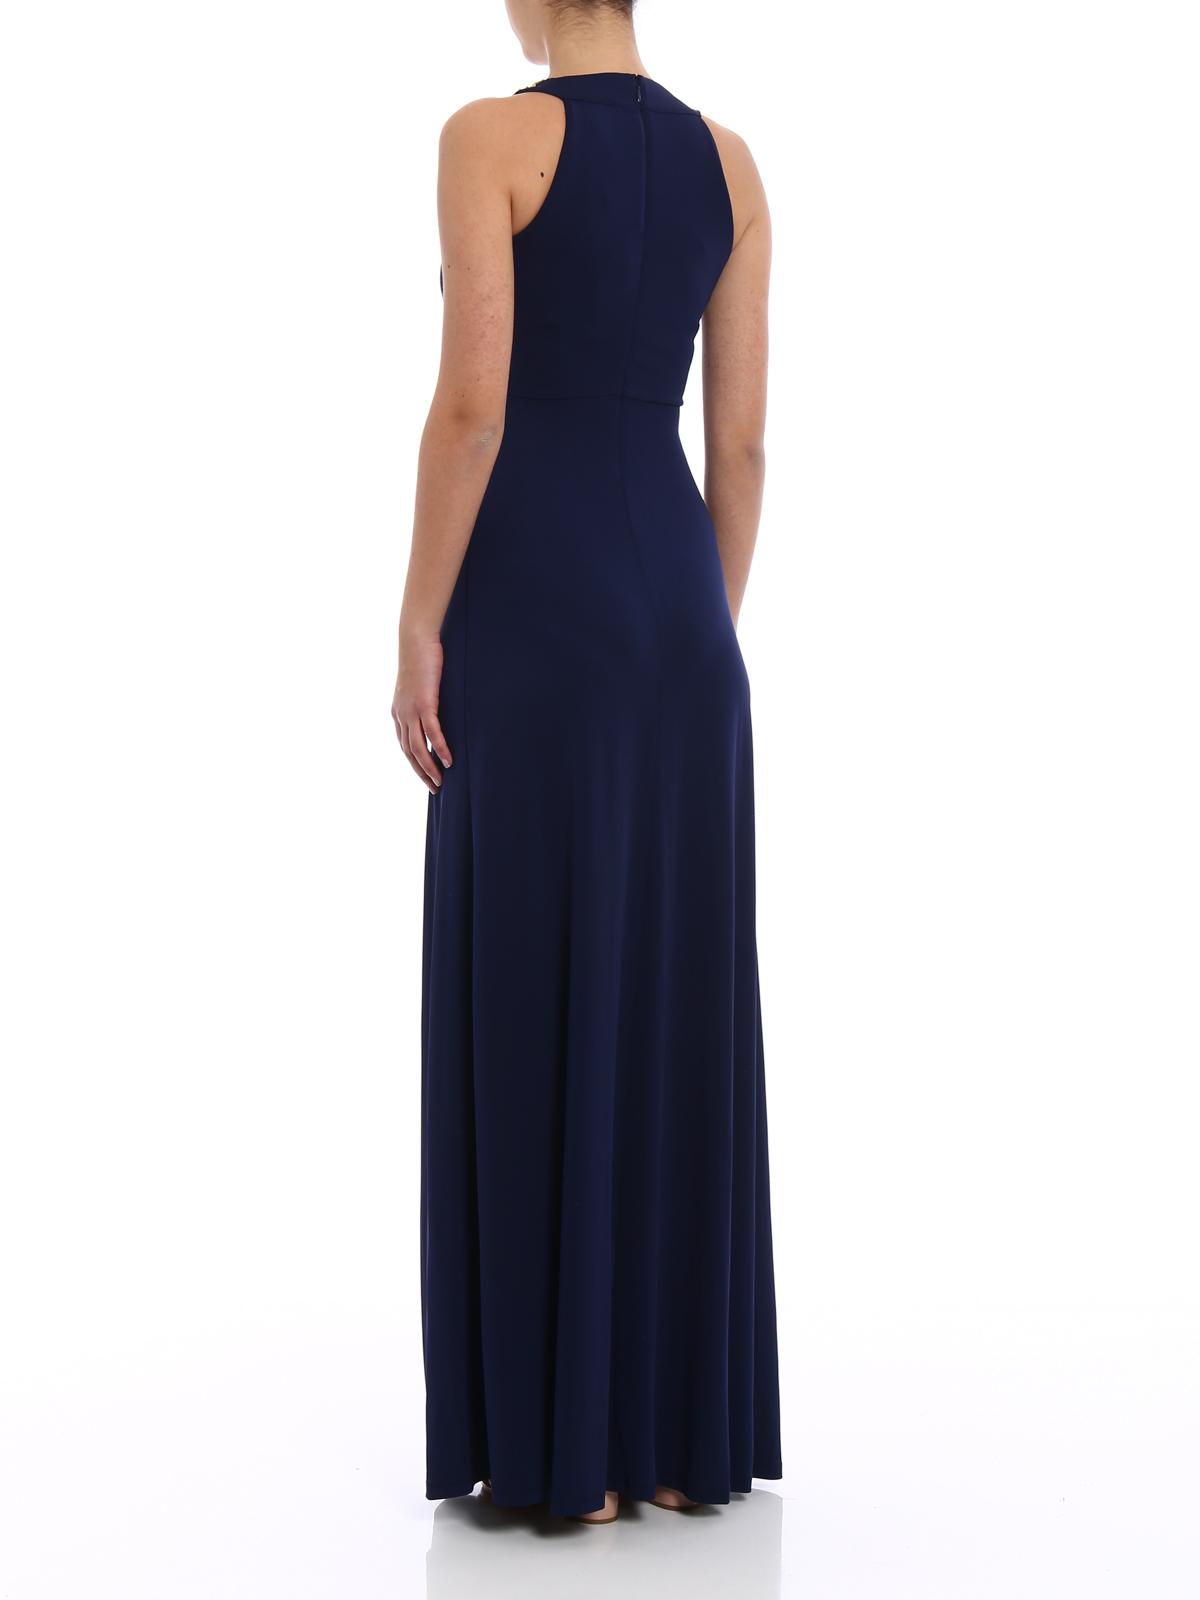 f3430e07bc Michael Kors - Abito lungo blu con drappeggio - abiti lunghi ...